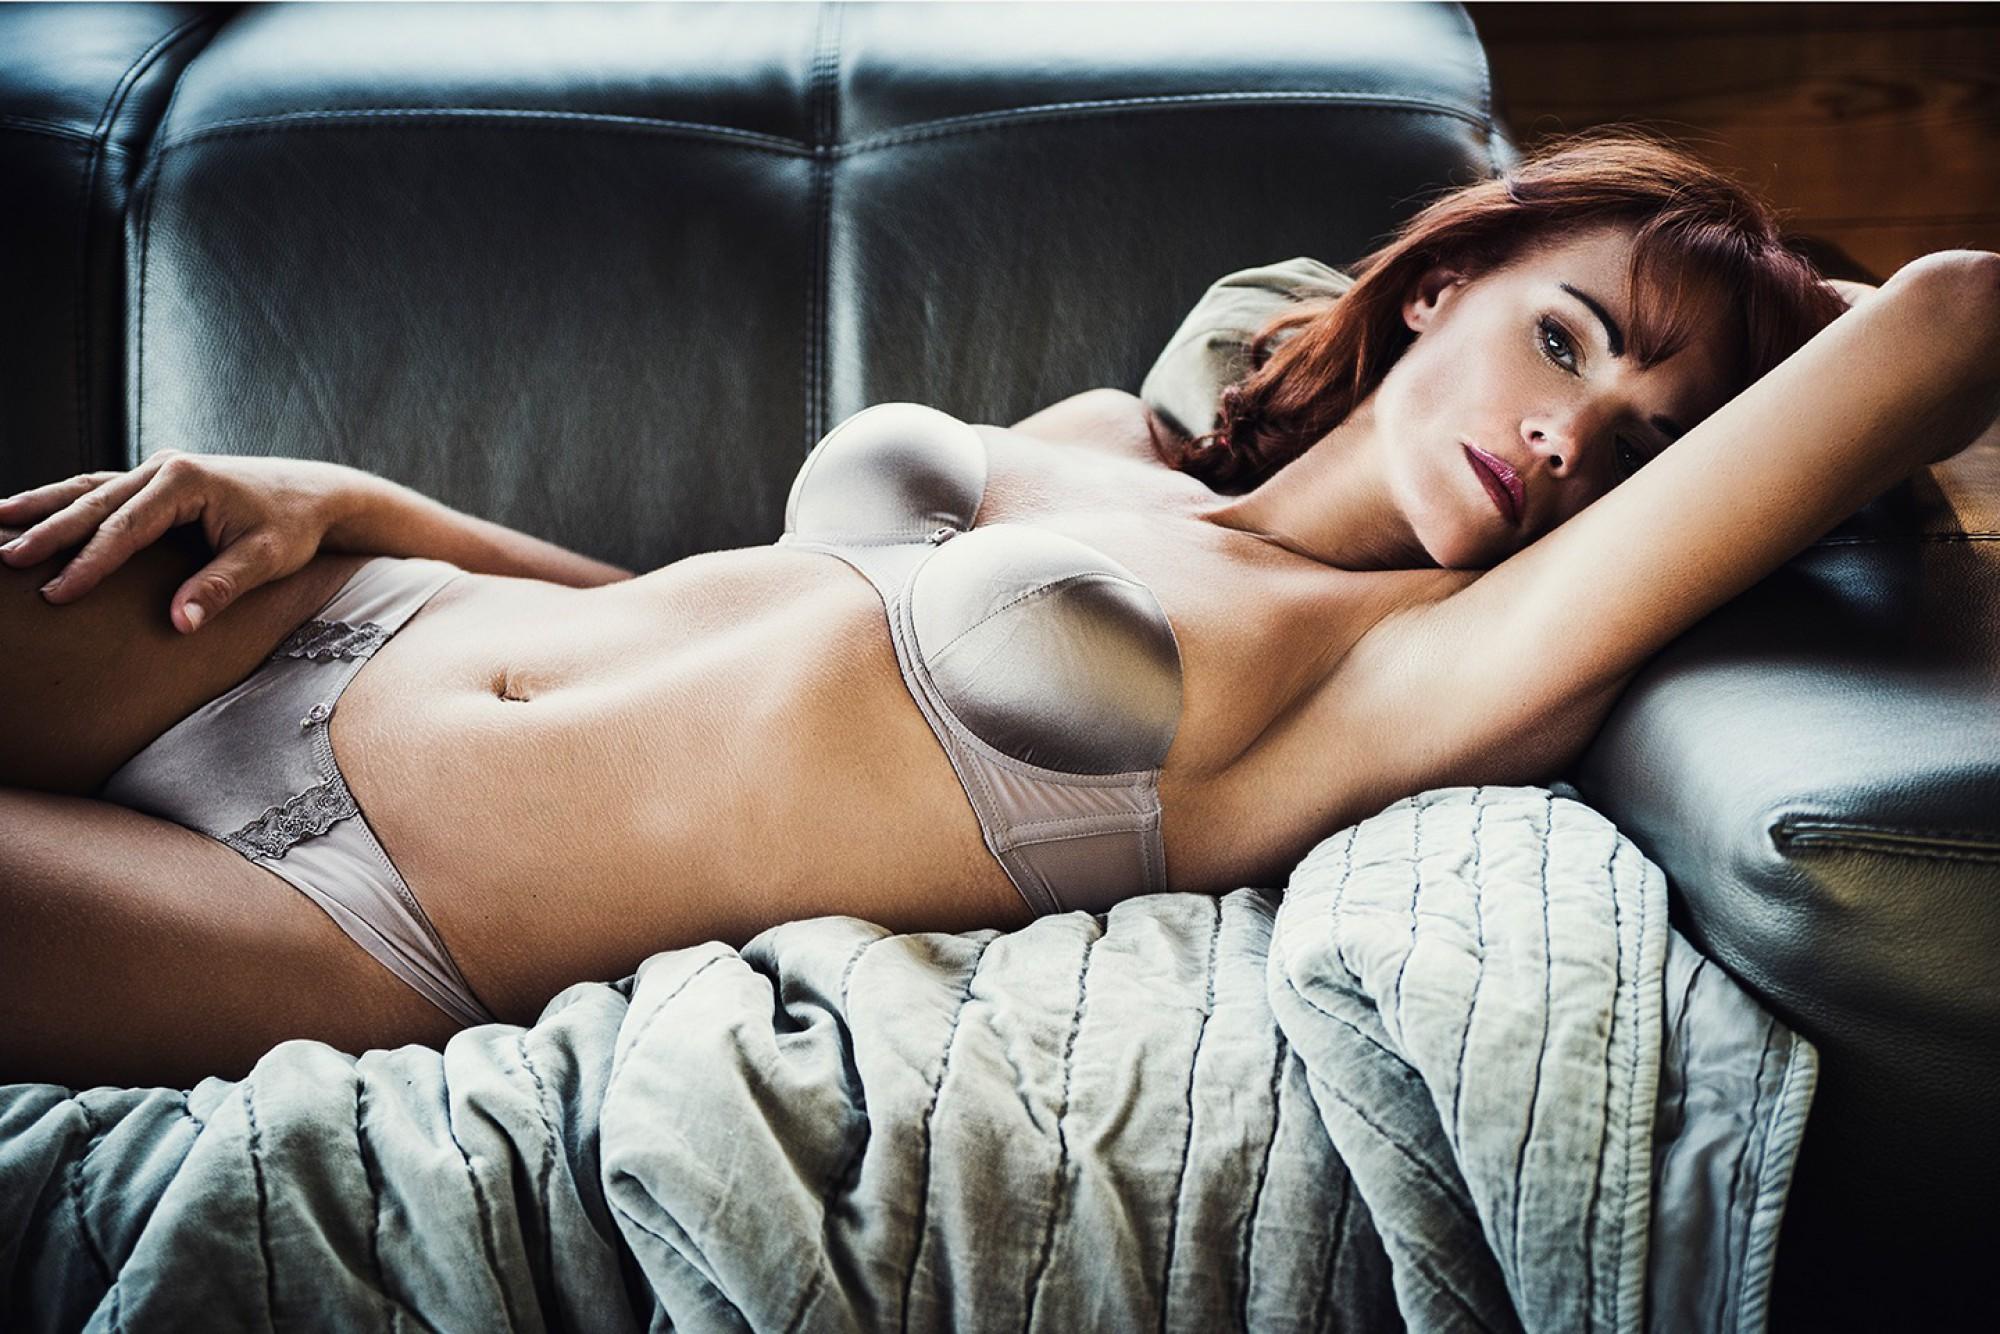 Stilvolle Fotos in Unterwäsche